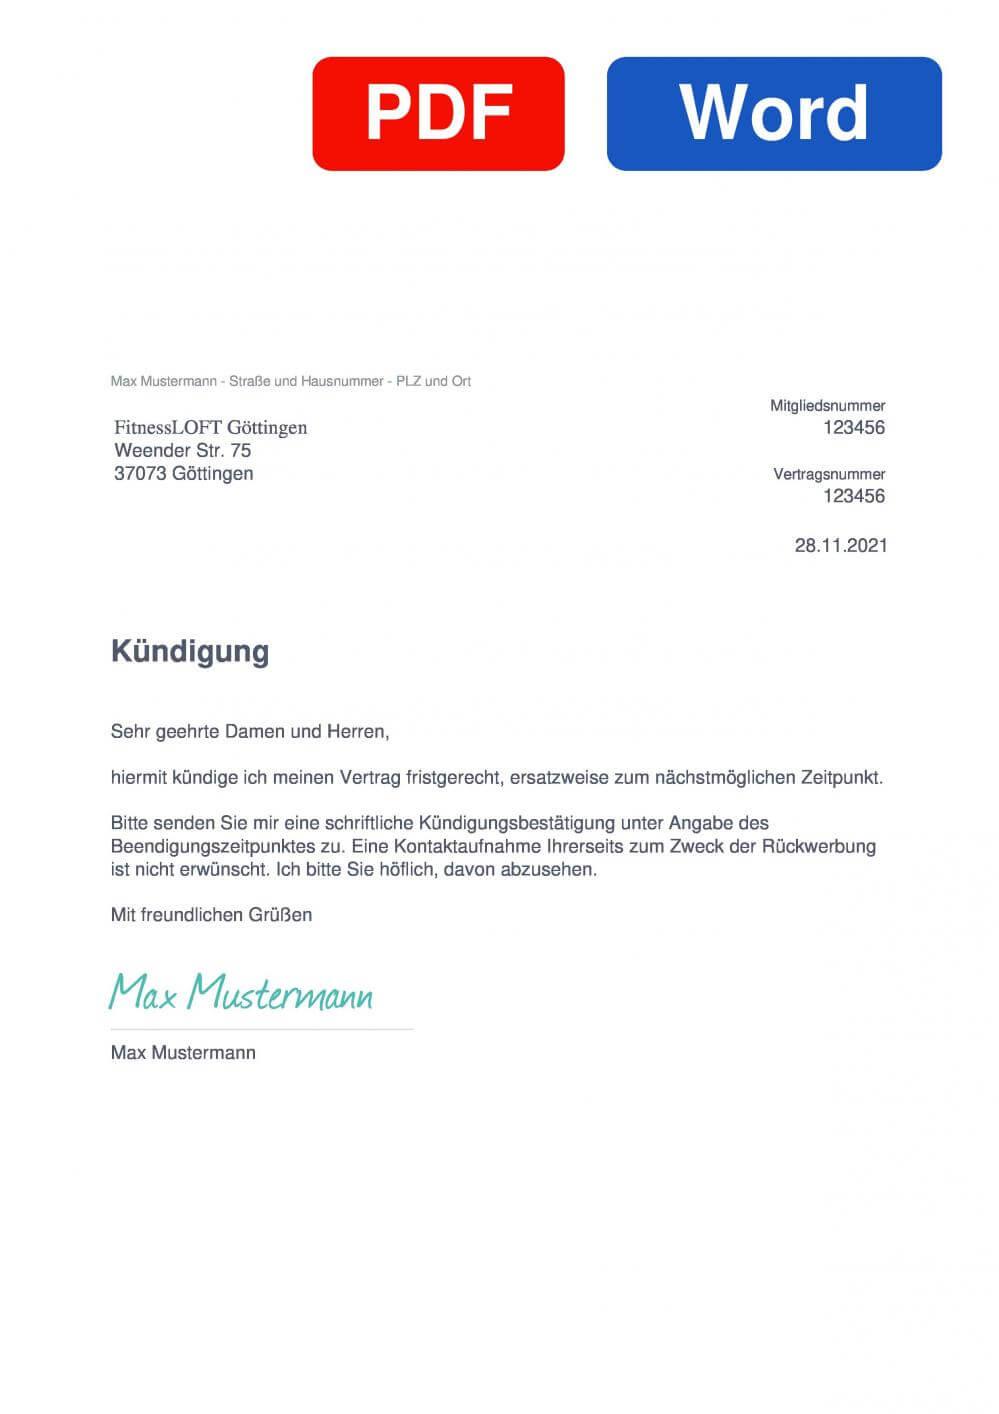 Fitnessloft Göttingen Muster Vorlage für Kündigungsschreiben